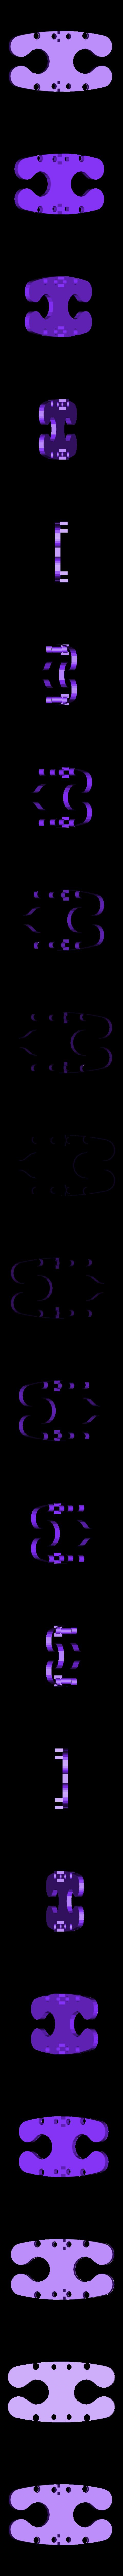 E4c380e9 c6c8 48a8 9c83 2b13a3bc348a